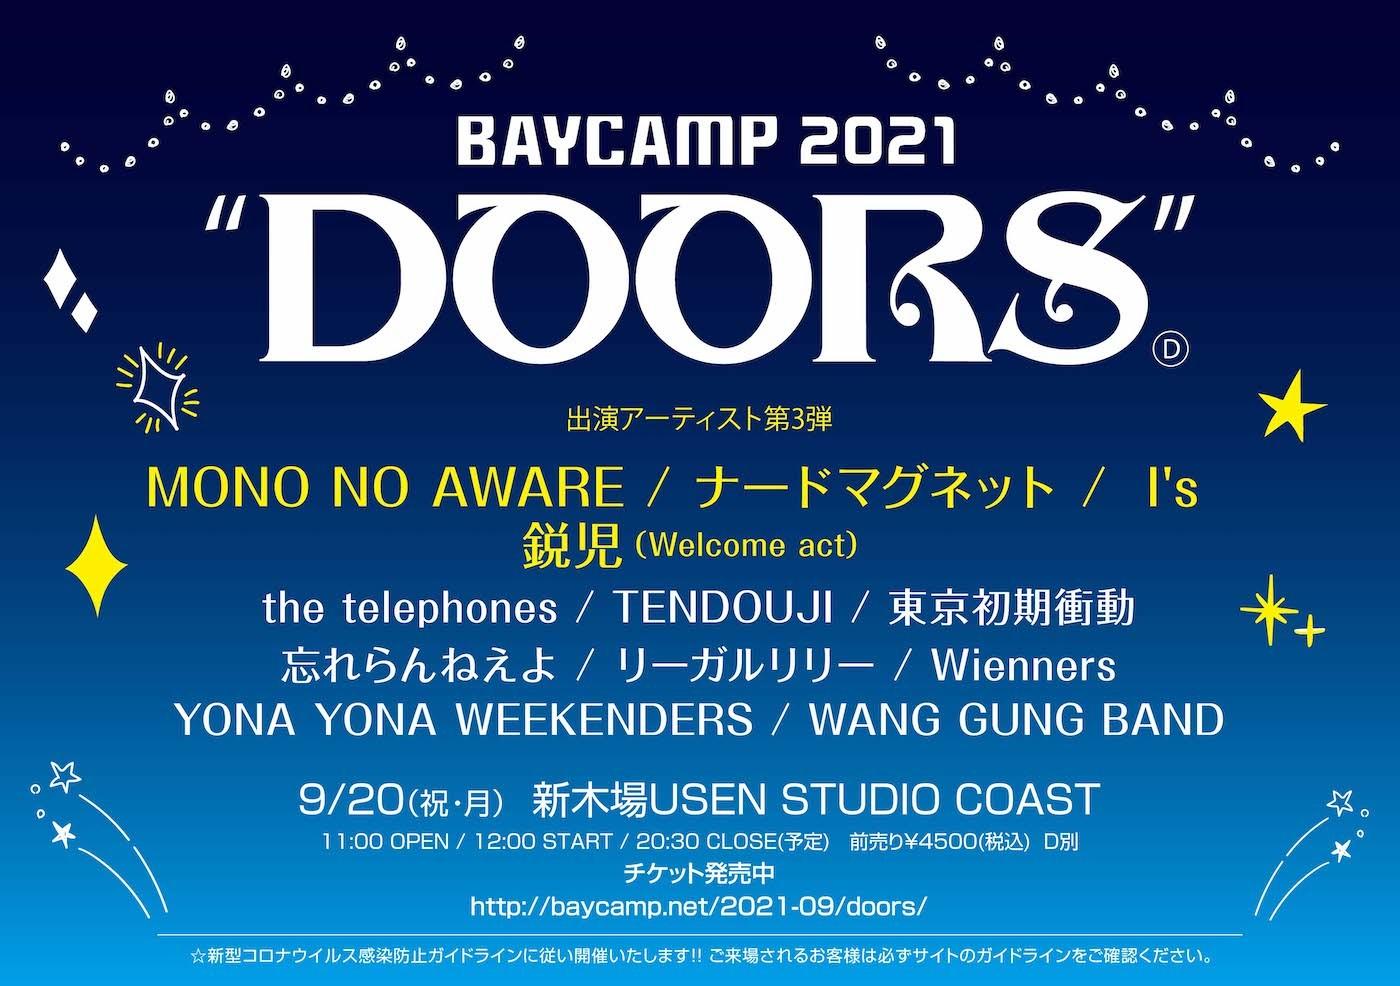 """『BAYCAMP 2021 """"DOORS""""』"""